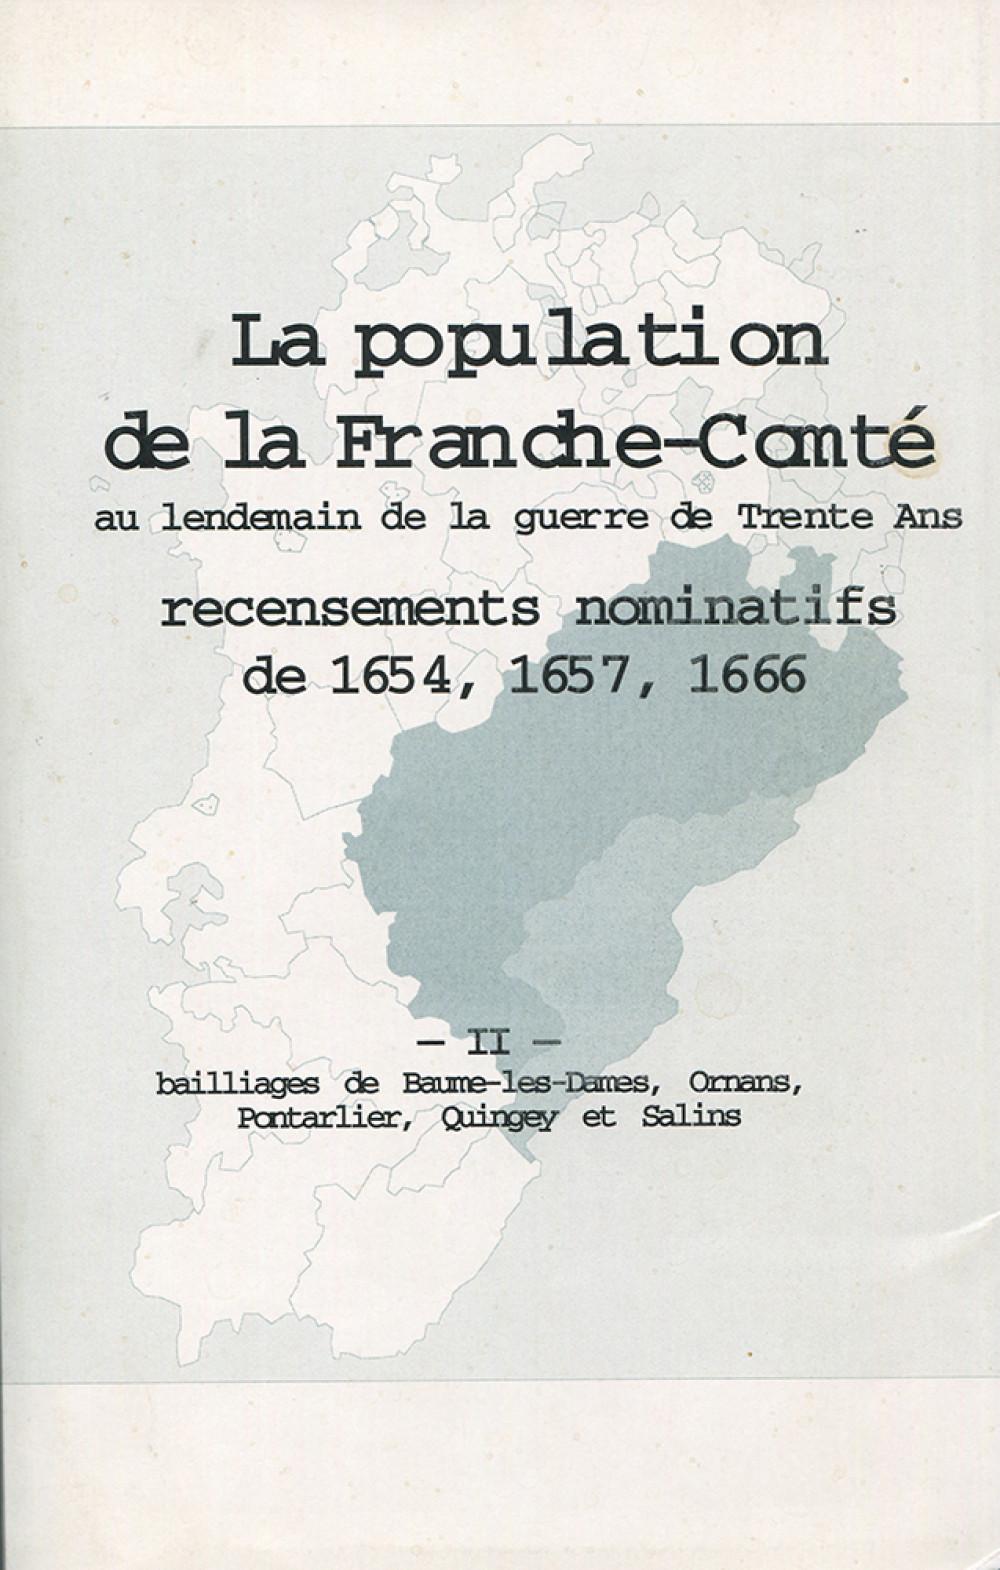 La population en Franche-Comté au lendemain de la guerre de Trente Ans. Tome II